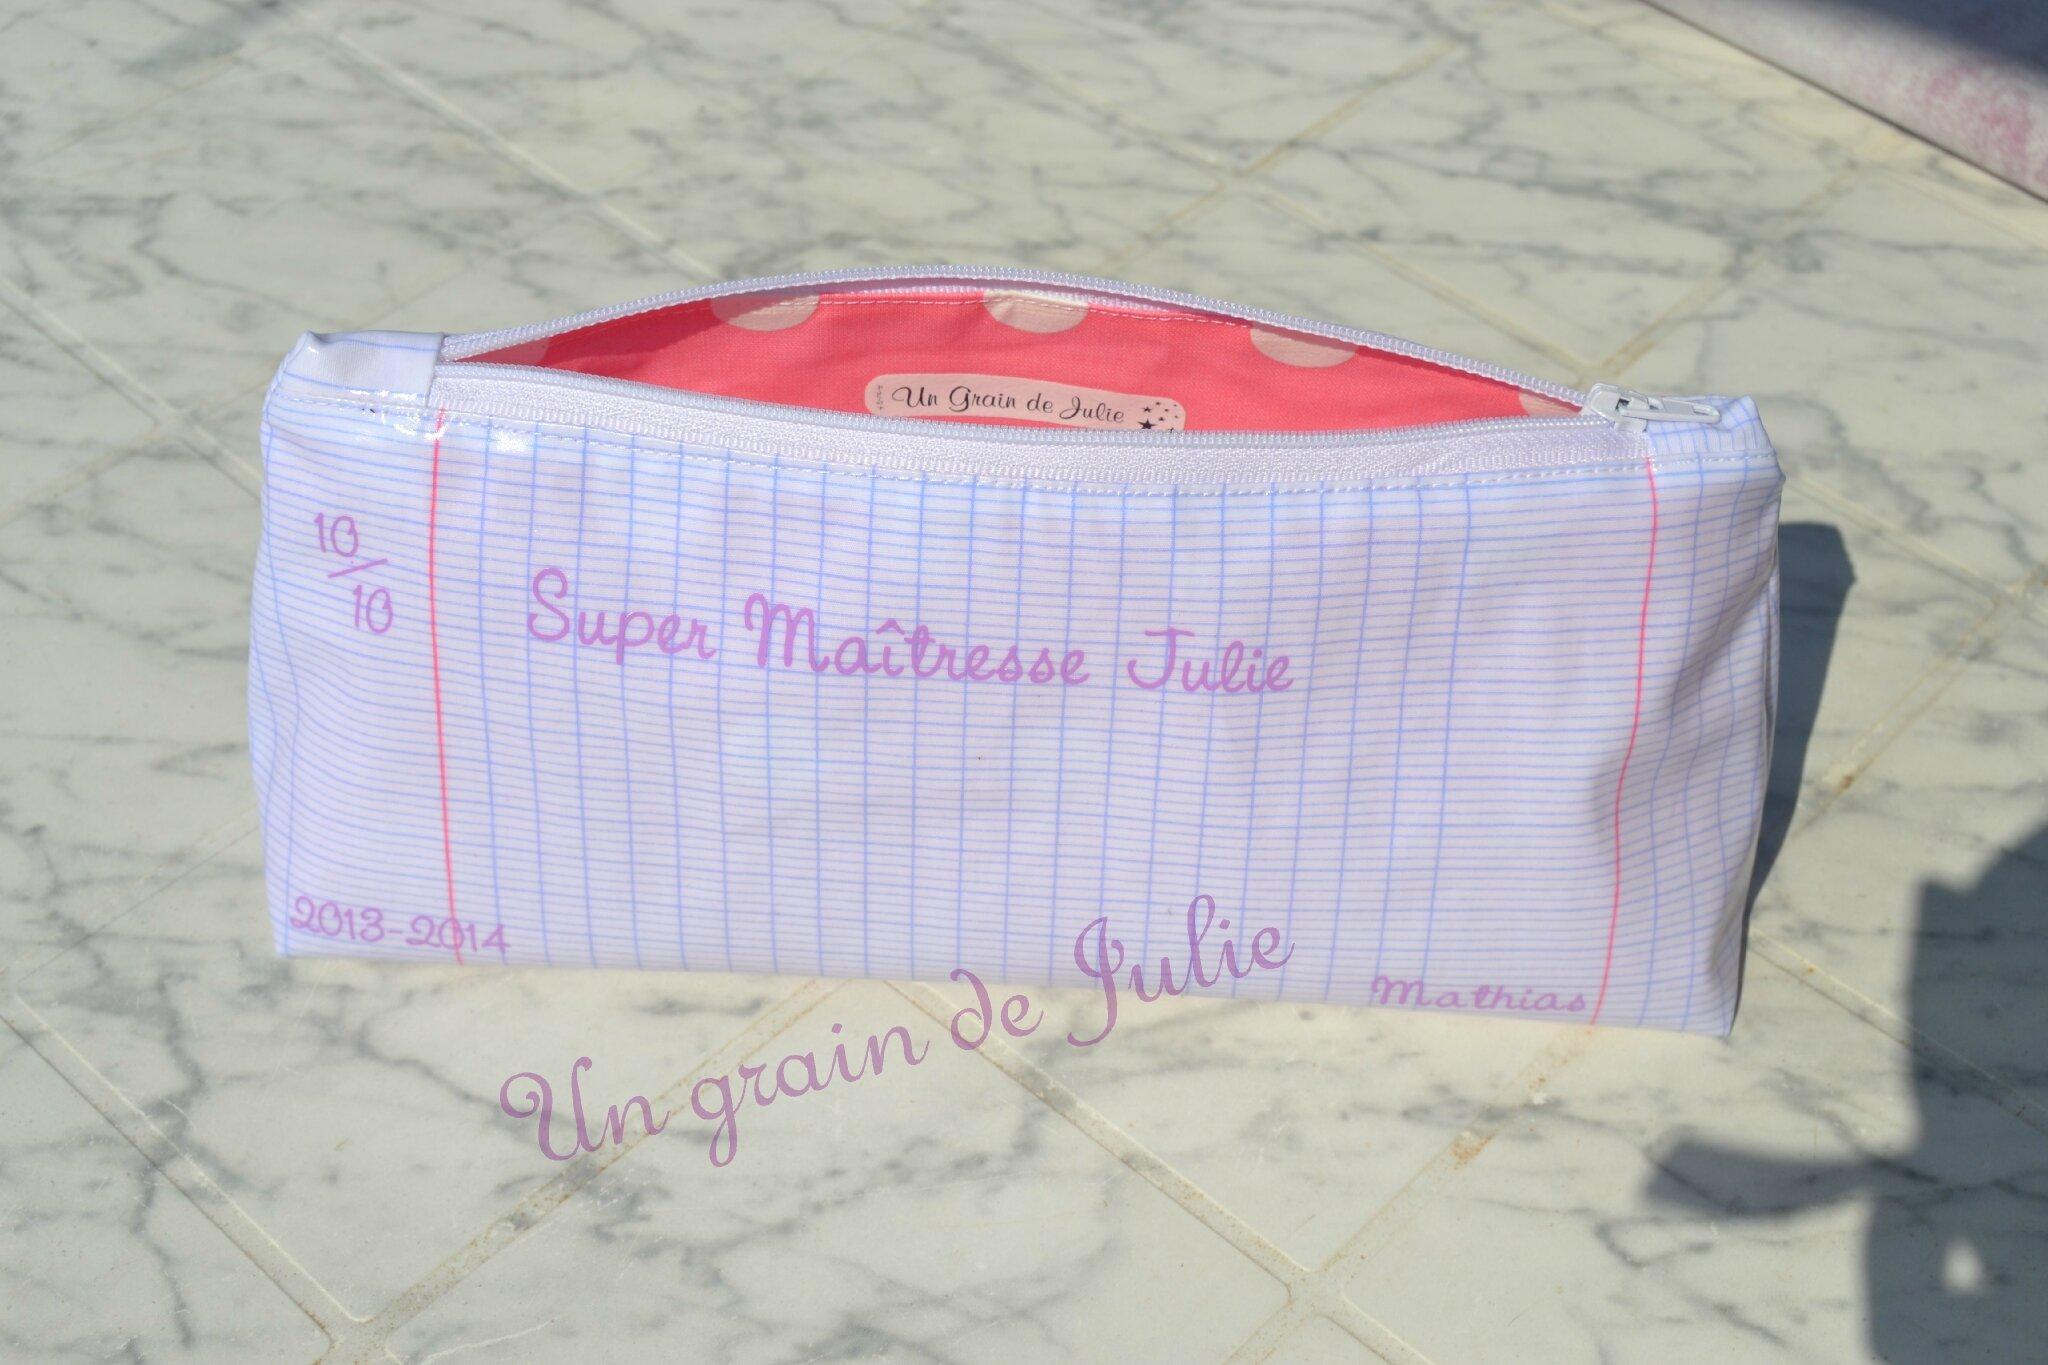 Trousse merci maitresse mathias